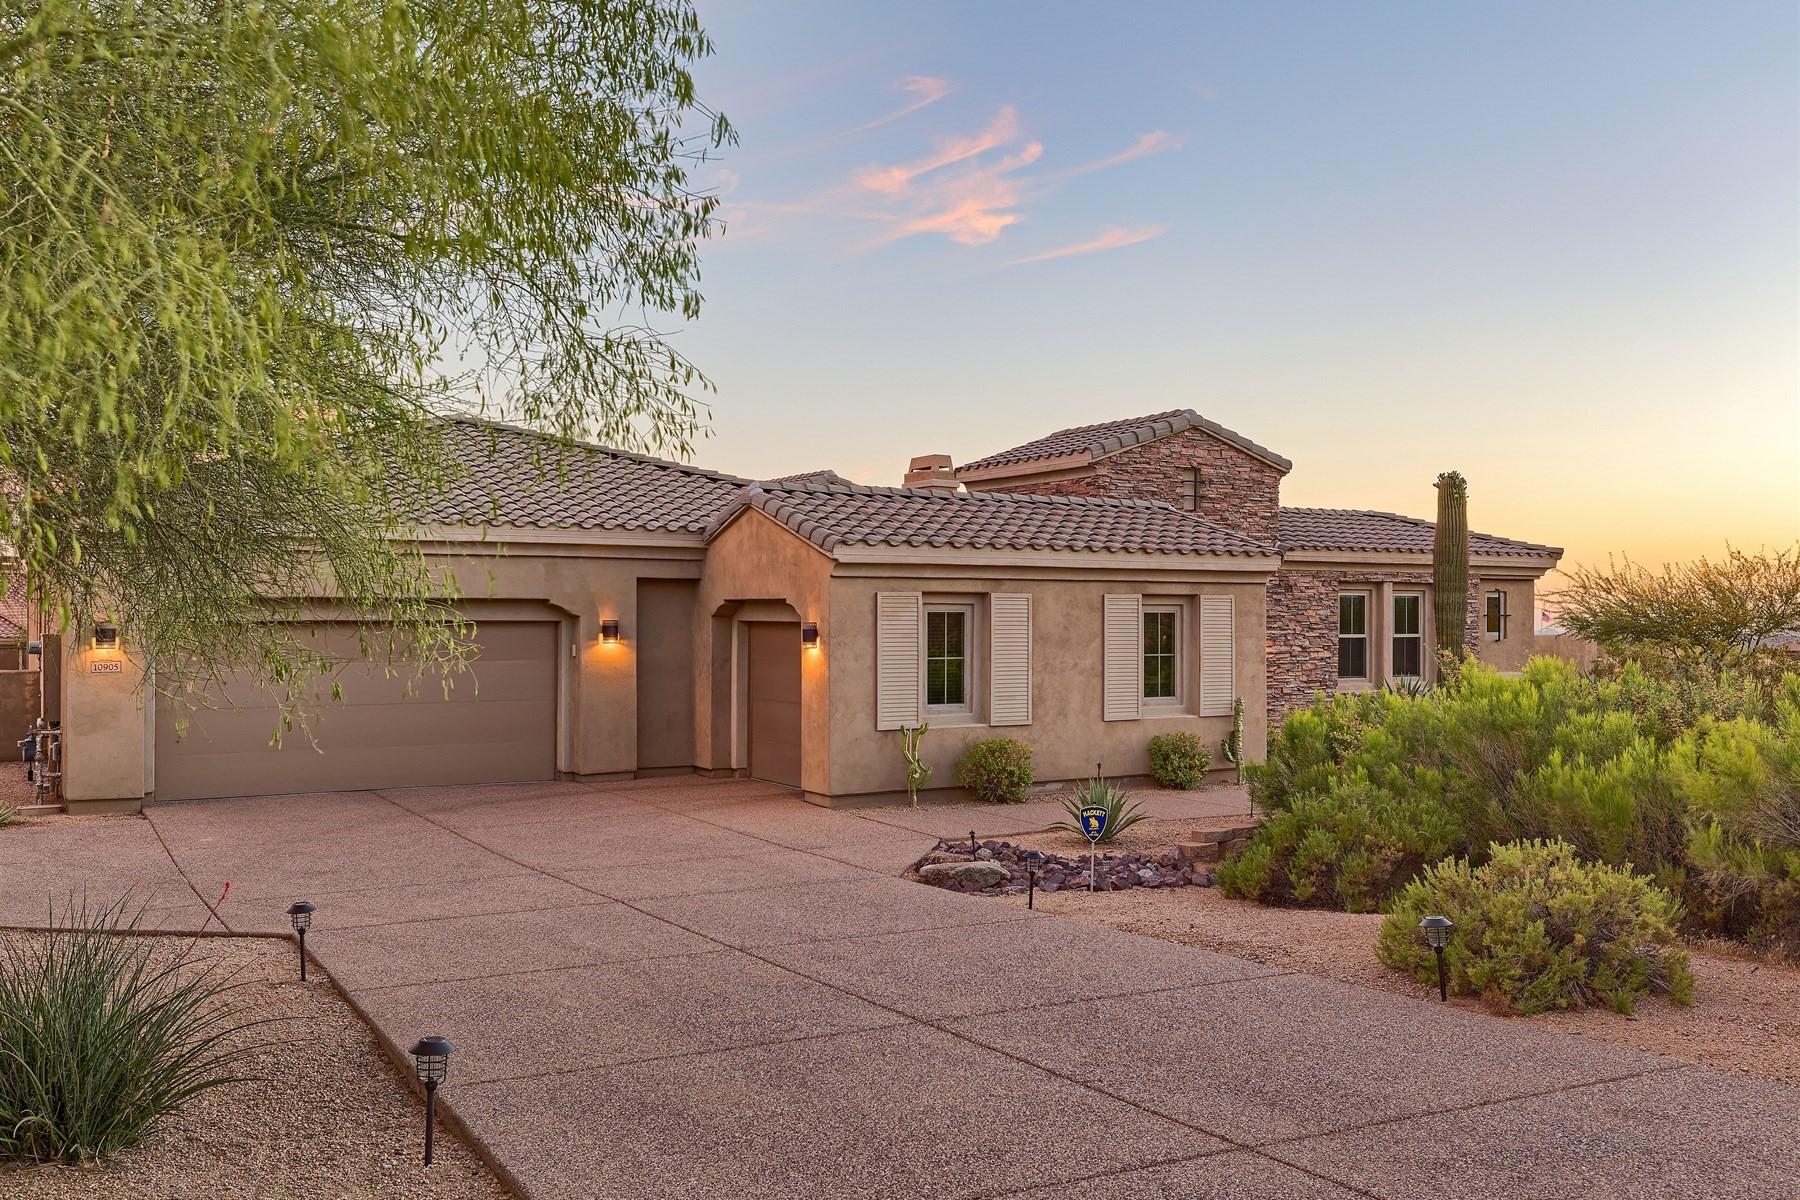 단독 가정 주택 용 매매 에 Stunning contemporary home with breathtaking views 10905 E La Verna Way Scottsdale, 아리조나, 85262 미국